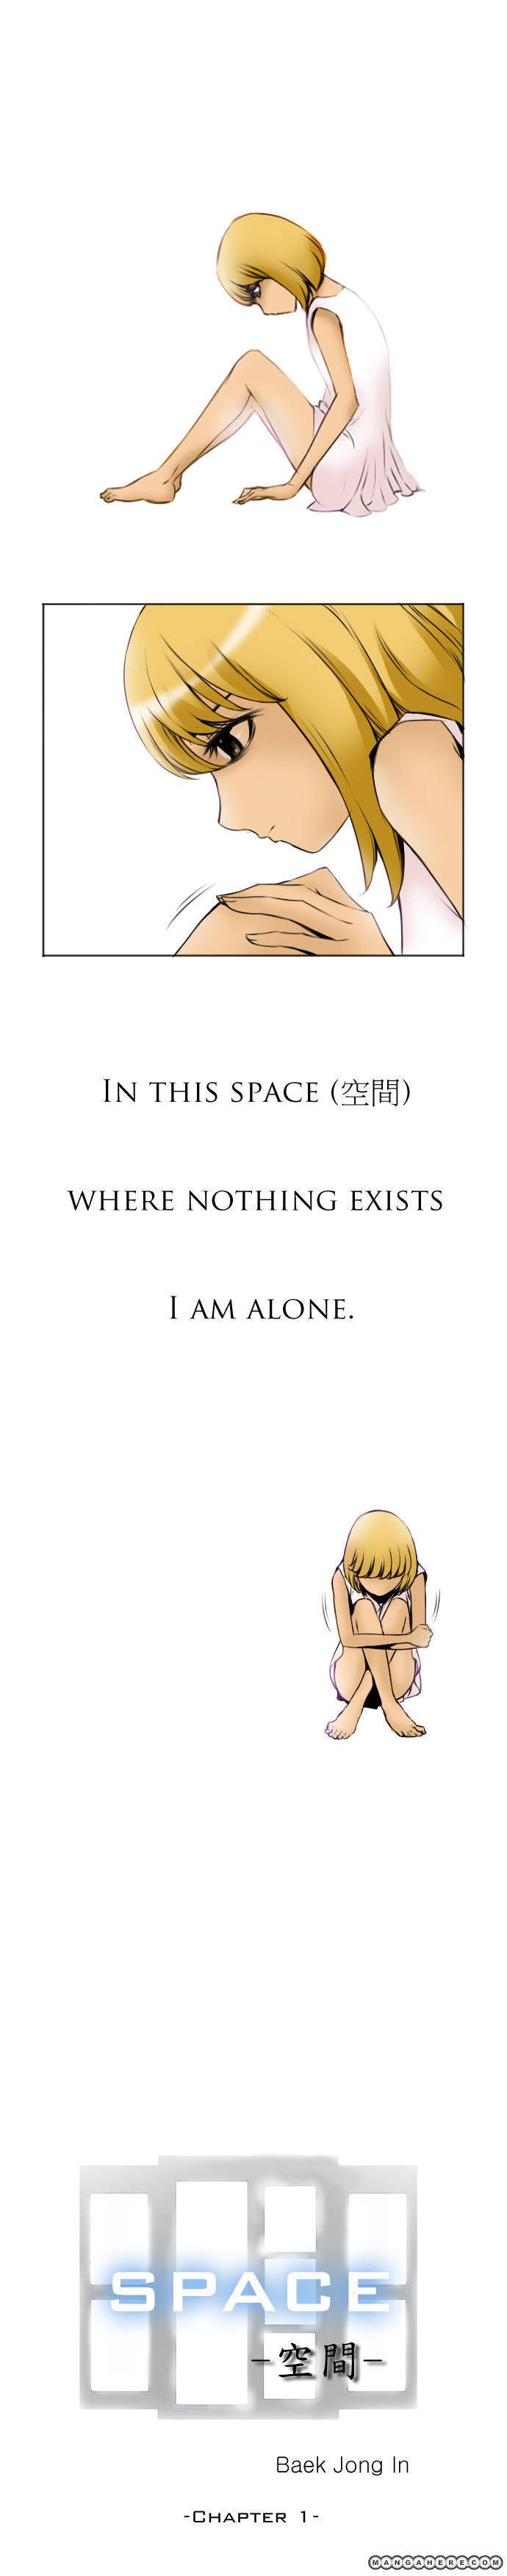 Space Baek Jong In 1 Page 1